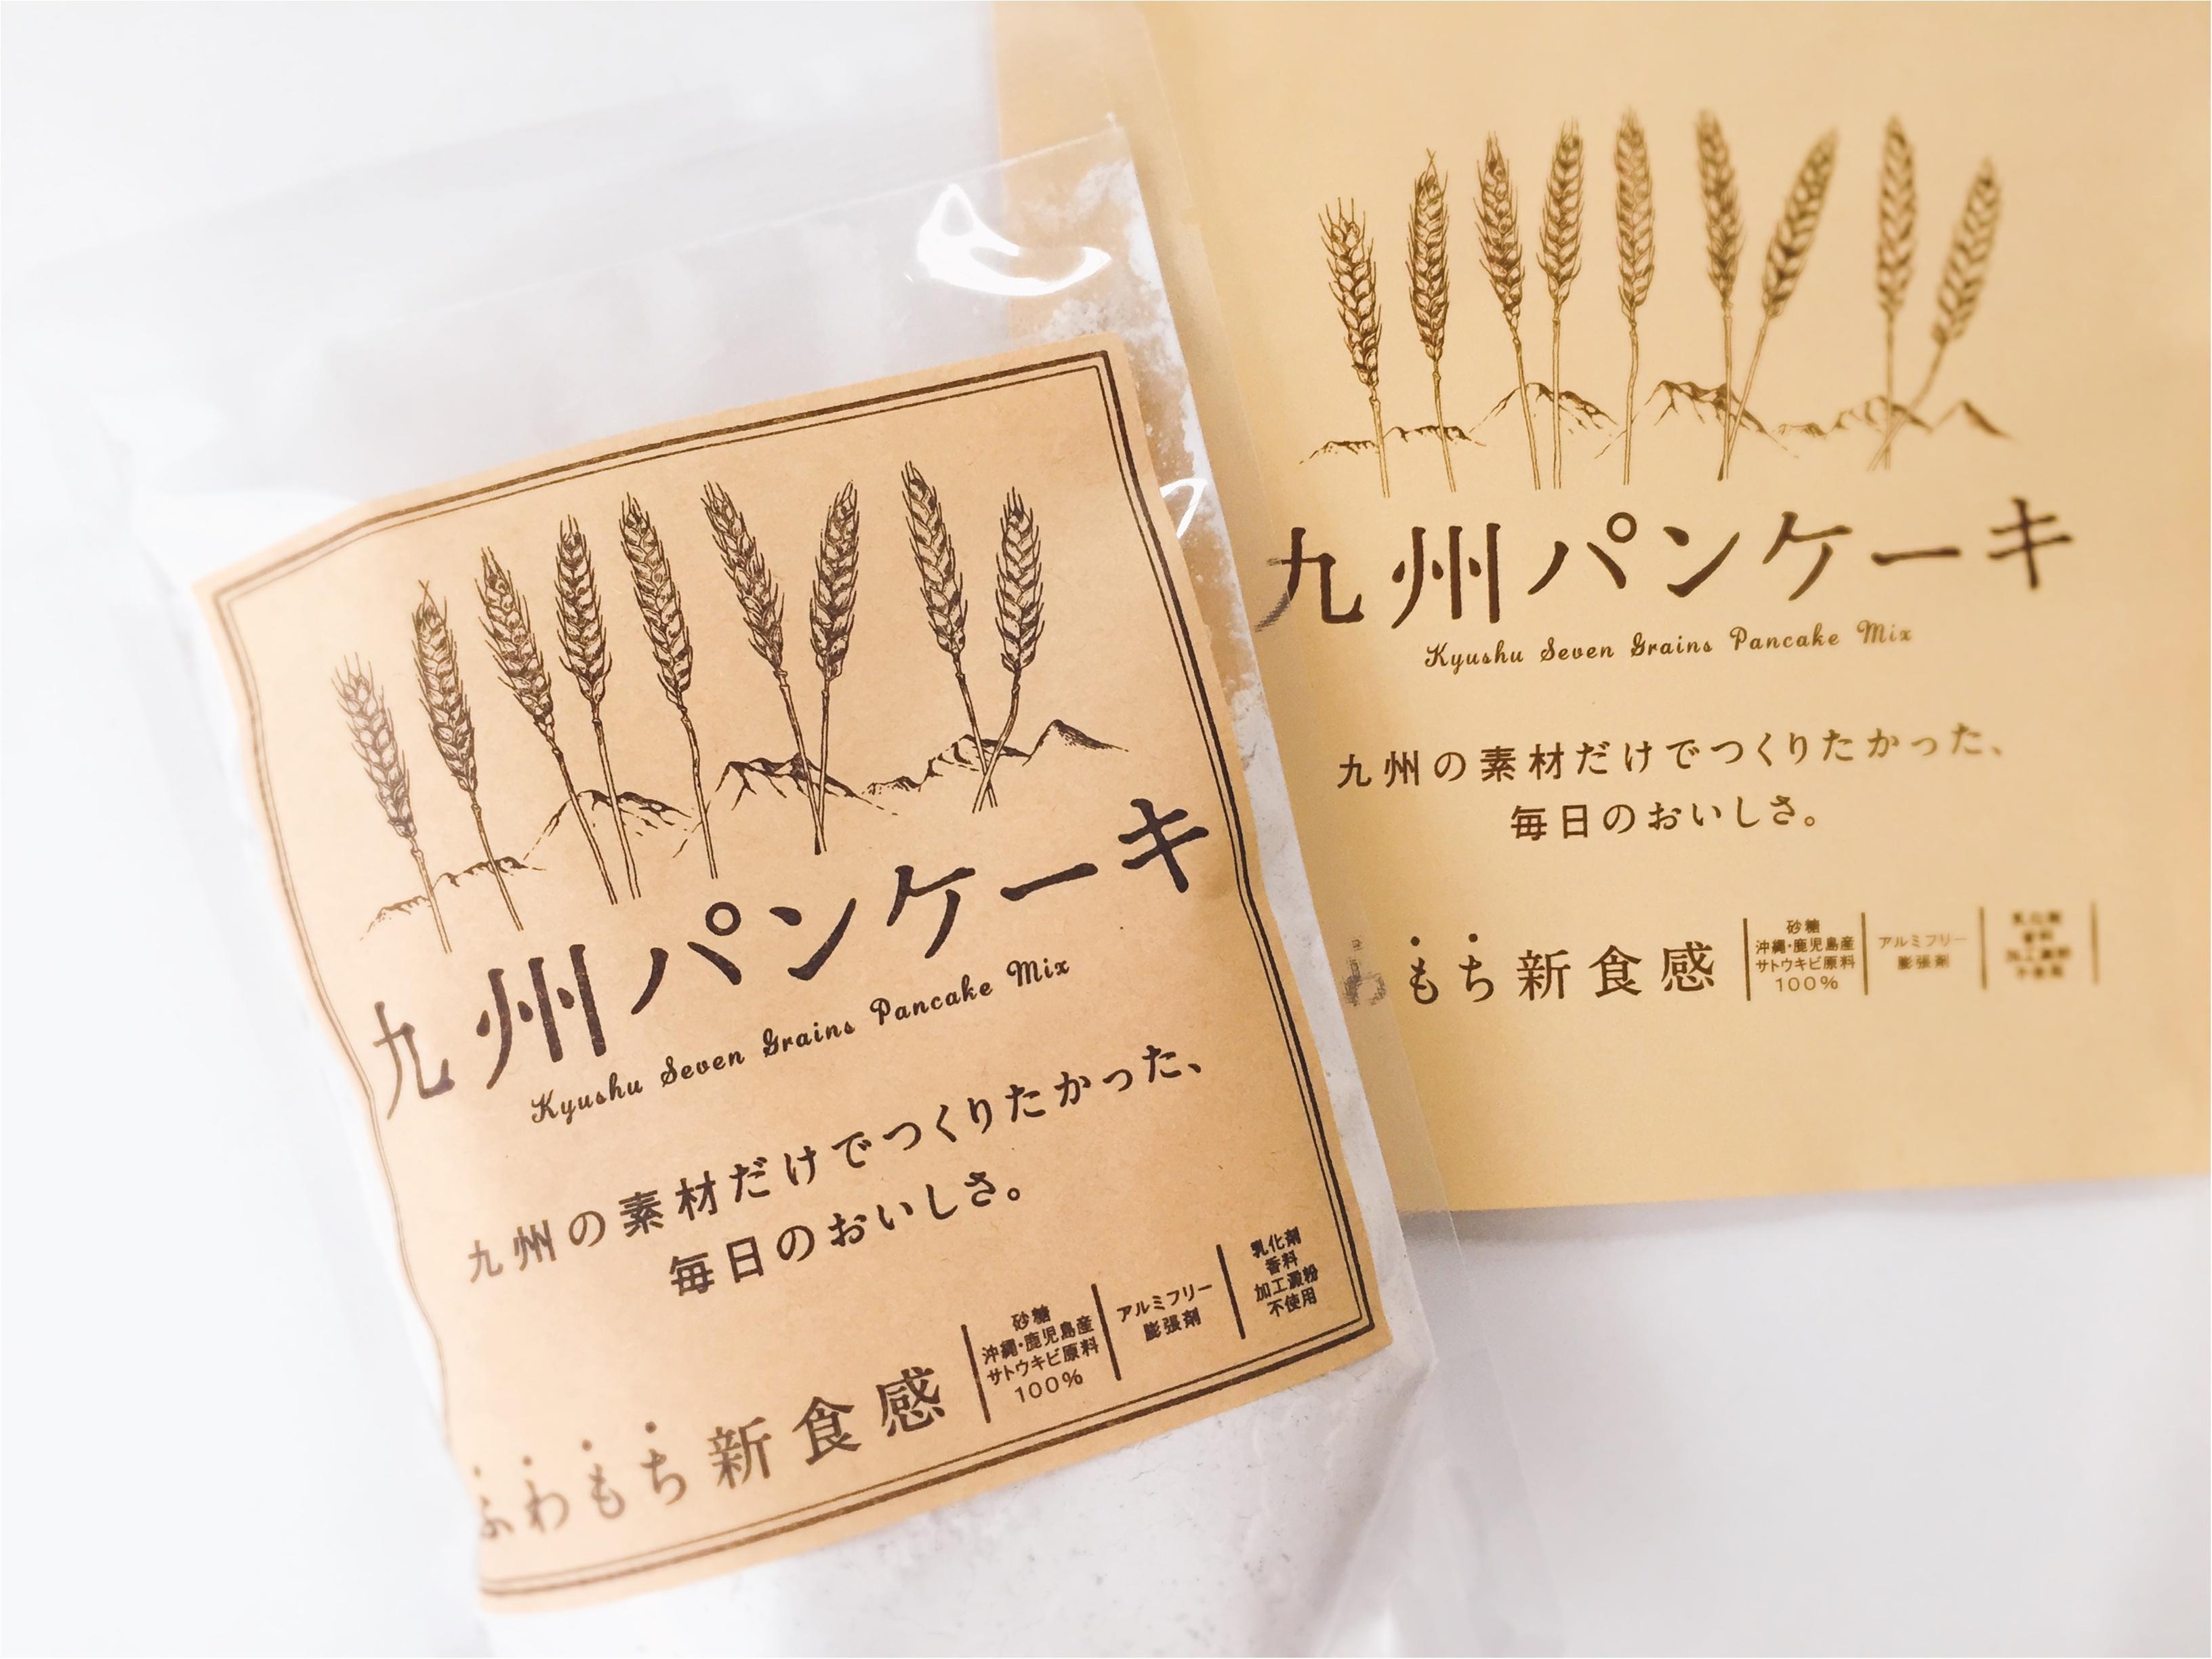 【おうちカフェ】シンプルな美味しさ!ふわもち食感がたまらないっ!『九州パンケーキ』で朝が楽しみになる!!_2